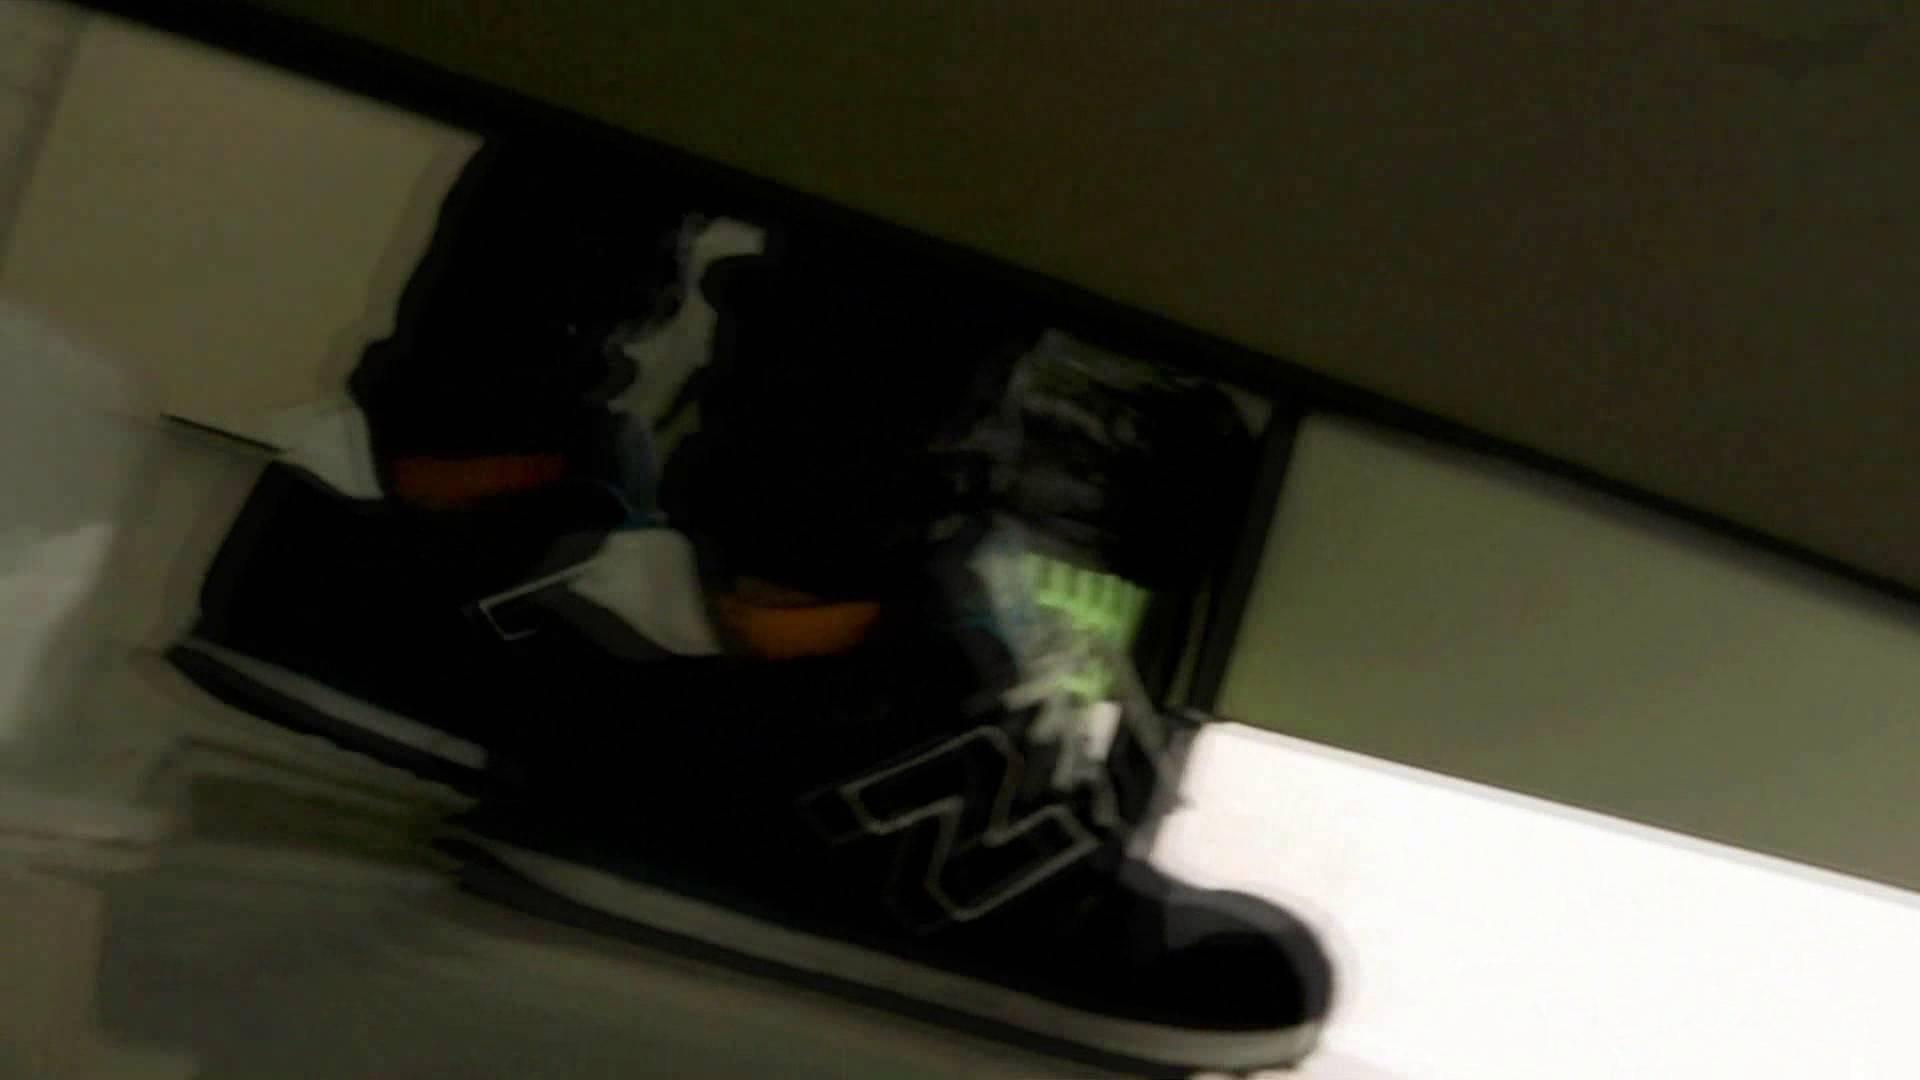 お市さんの「お尻丸出しジャンボリー」12 前代未聞和式個室内手で洗う 和式で・・・ ワレメ無修正動画無料 102画像 97